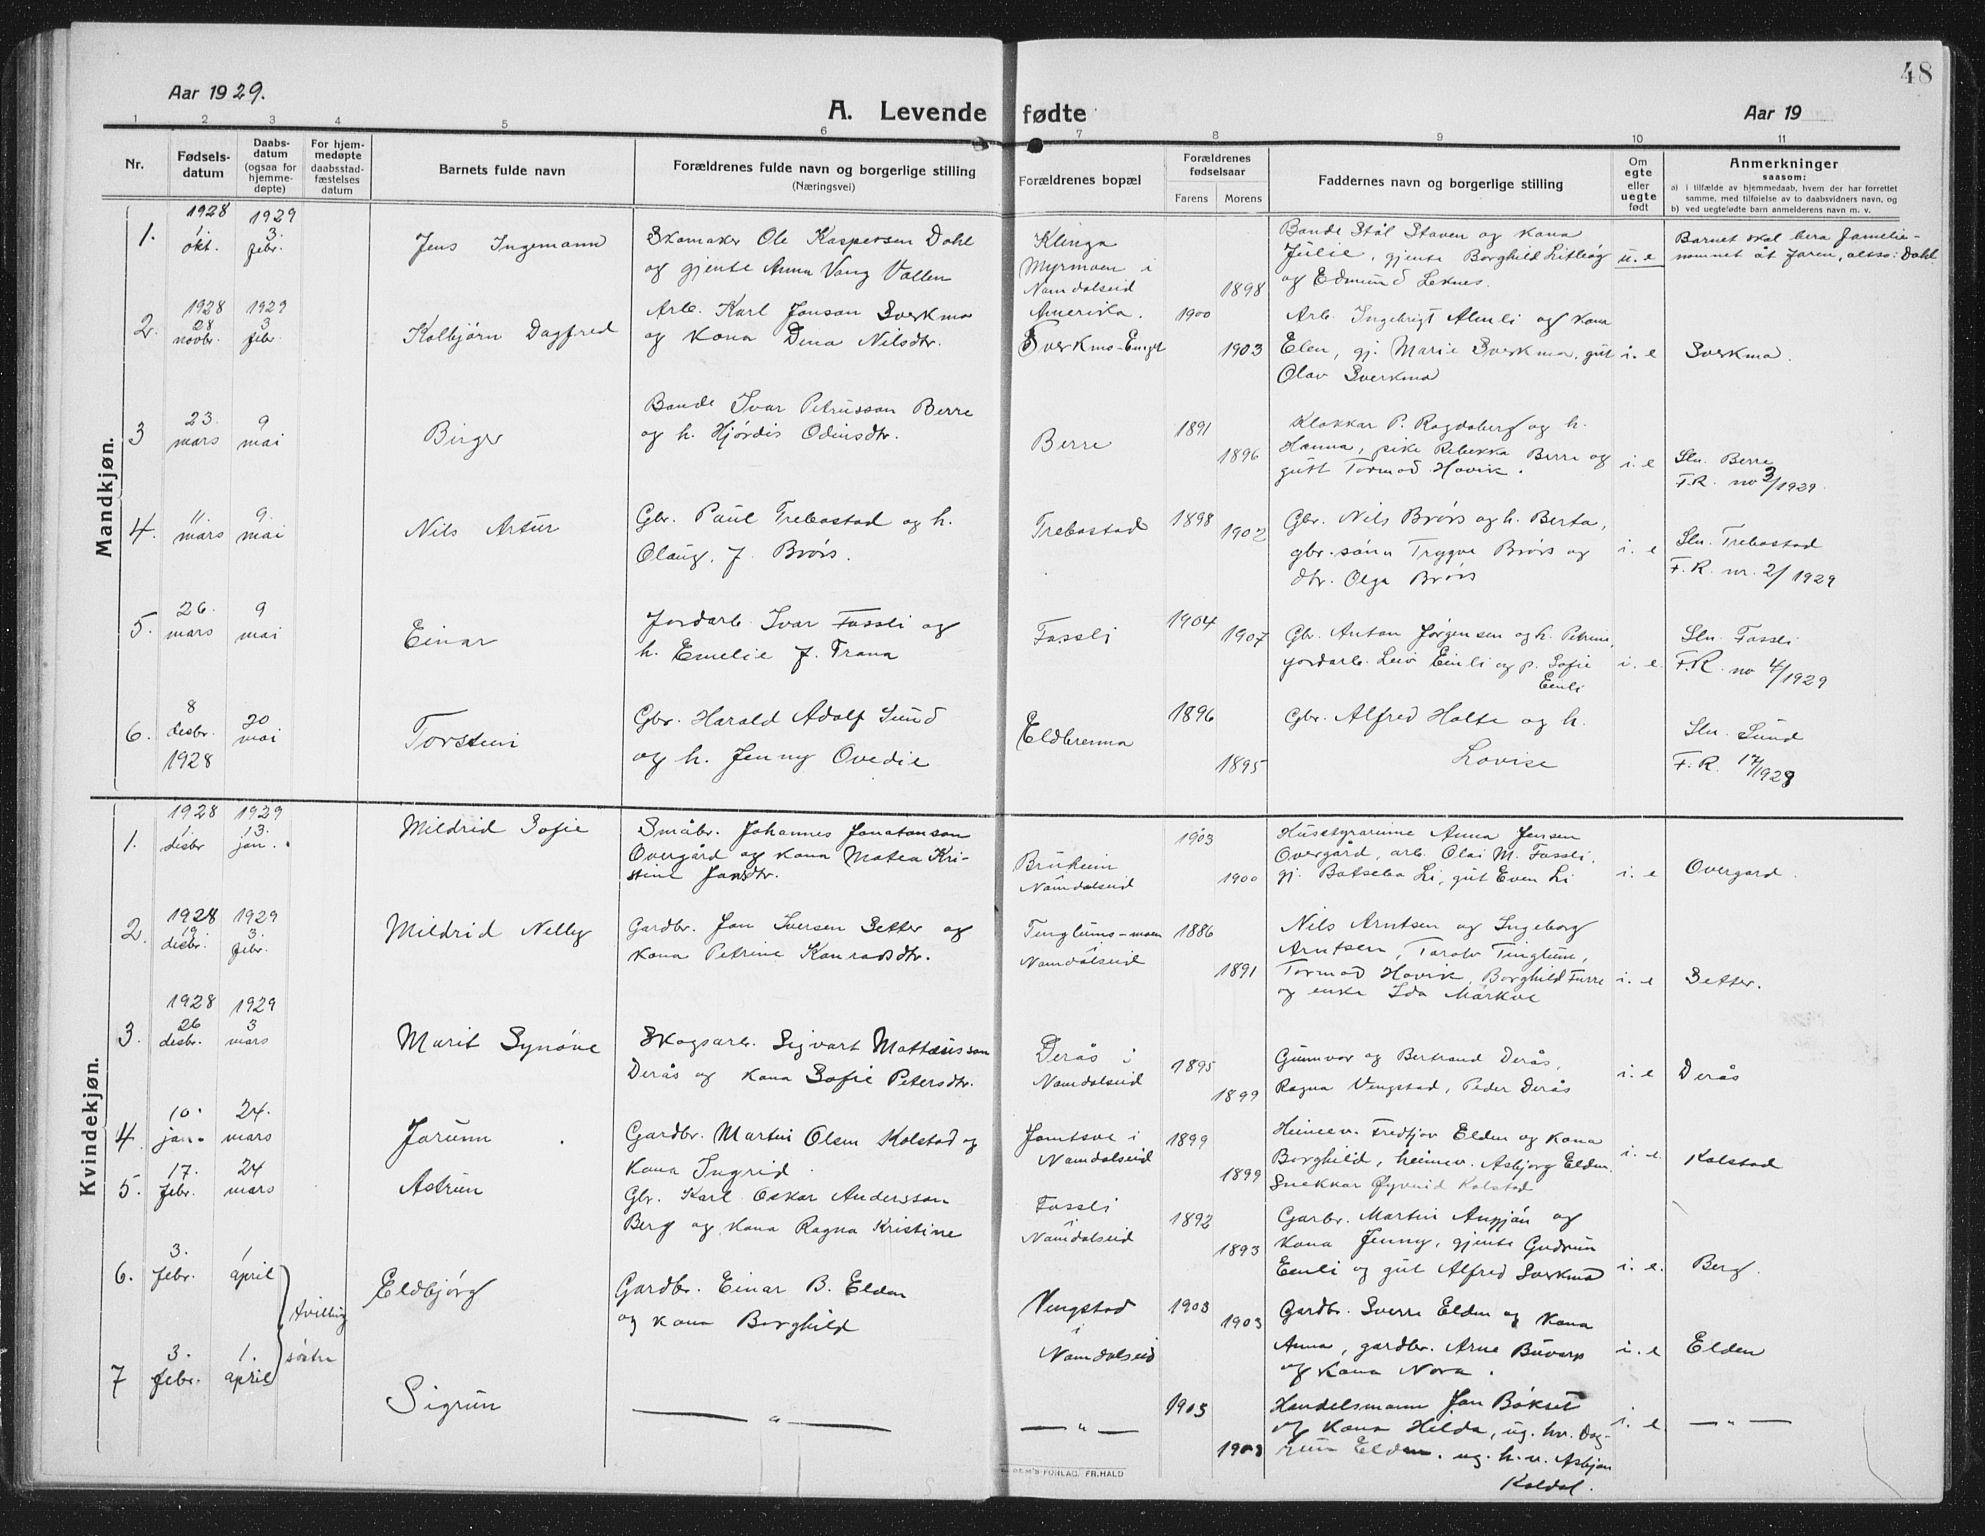 SAT, Ministerialprotokoller, klokkerbøker og fødselsregistre - Nord-Trøndelag, 742/L0413: Klokkerbok nr. 742C04, 1911-1938, s. 48